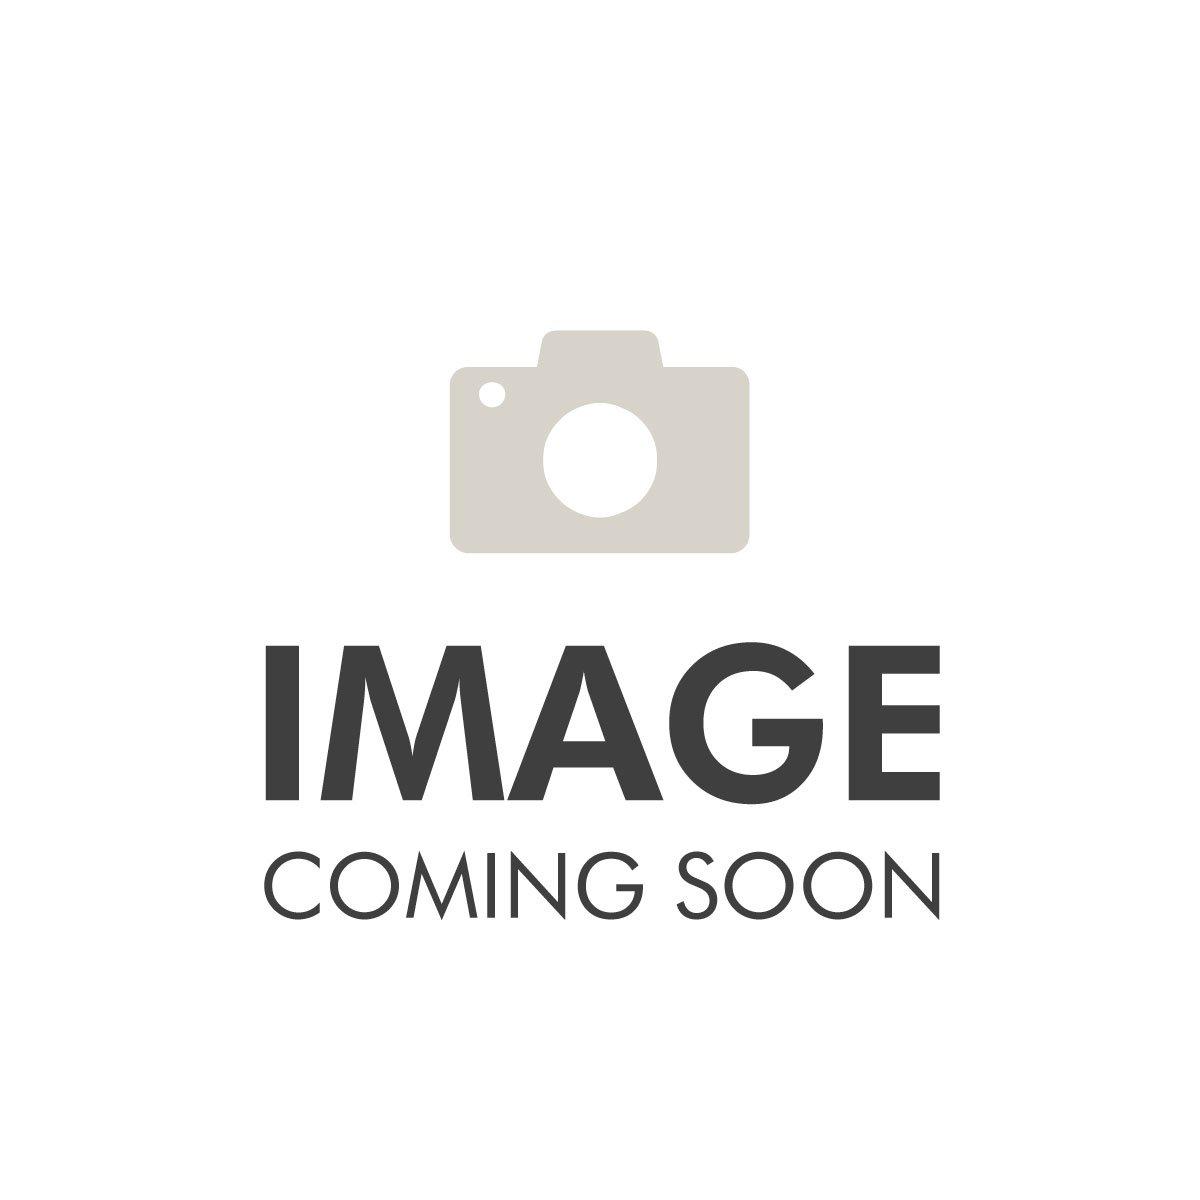 Negrini - Pommeau de sabre - Isolé - Hexagonal